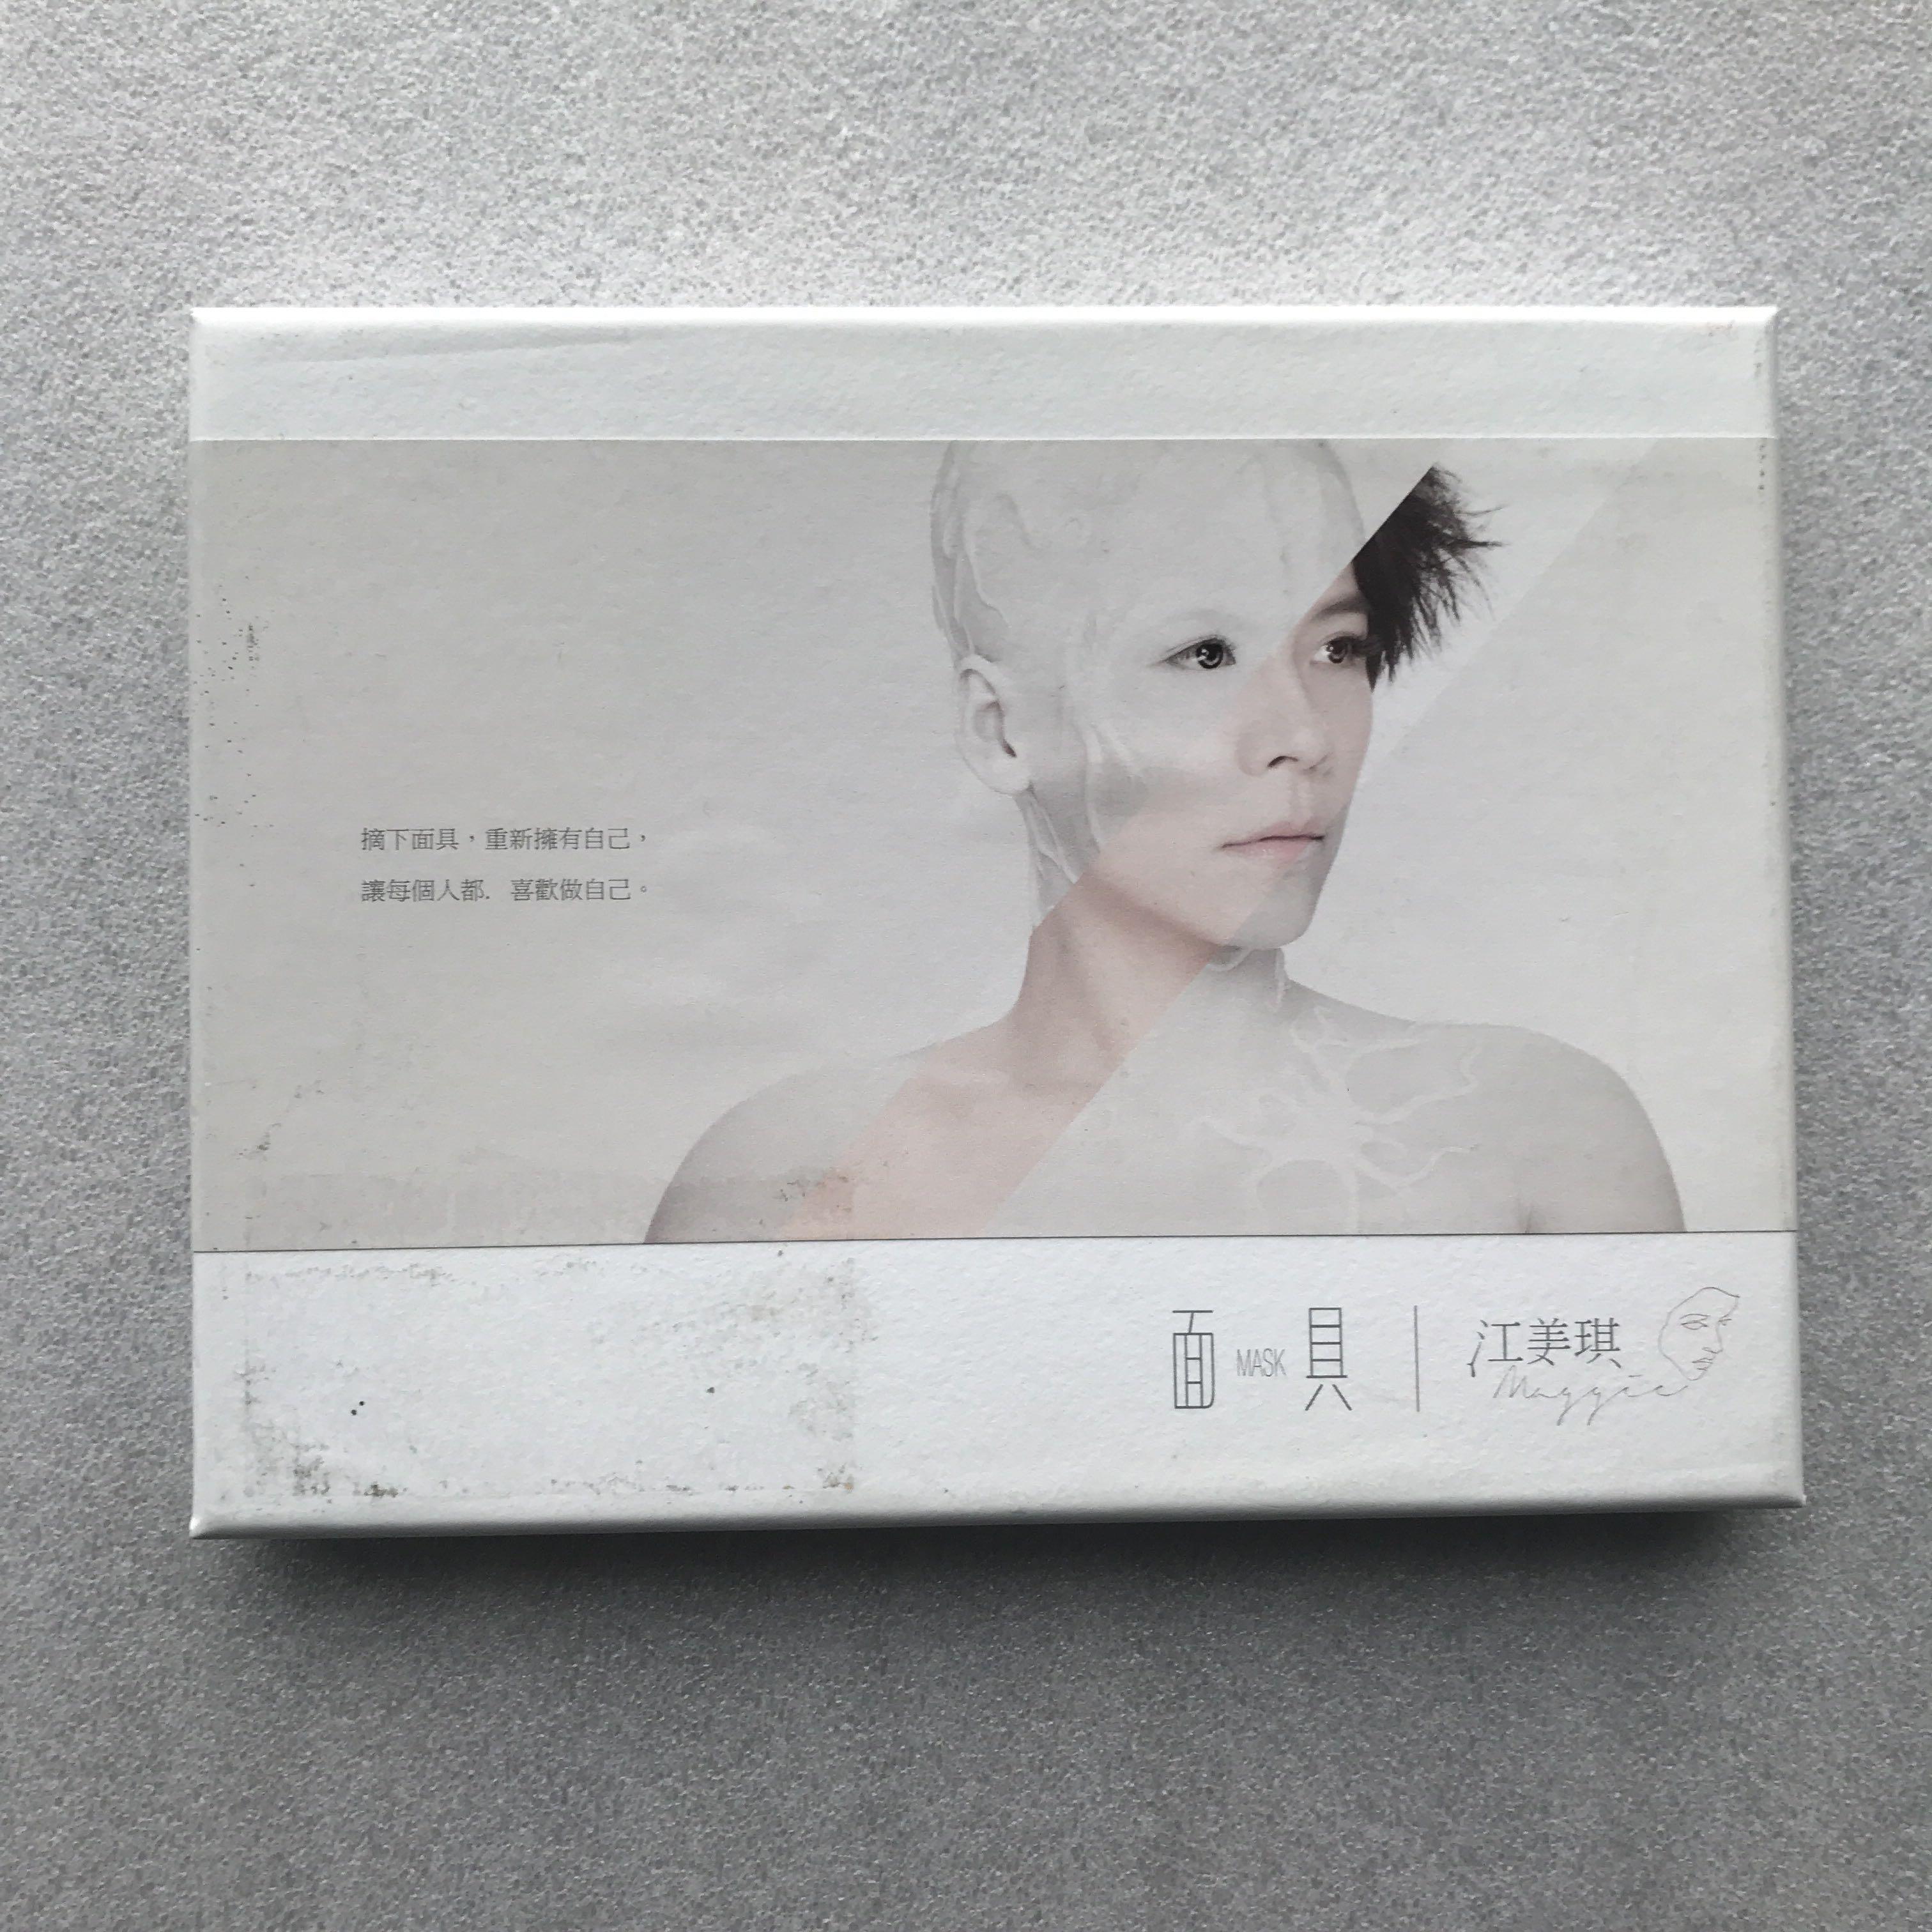 江美琪 面具 (2014)